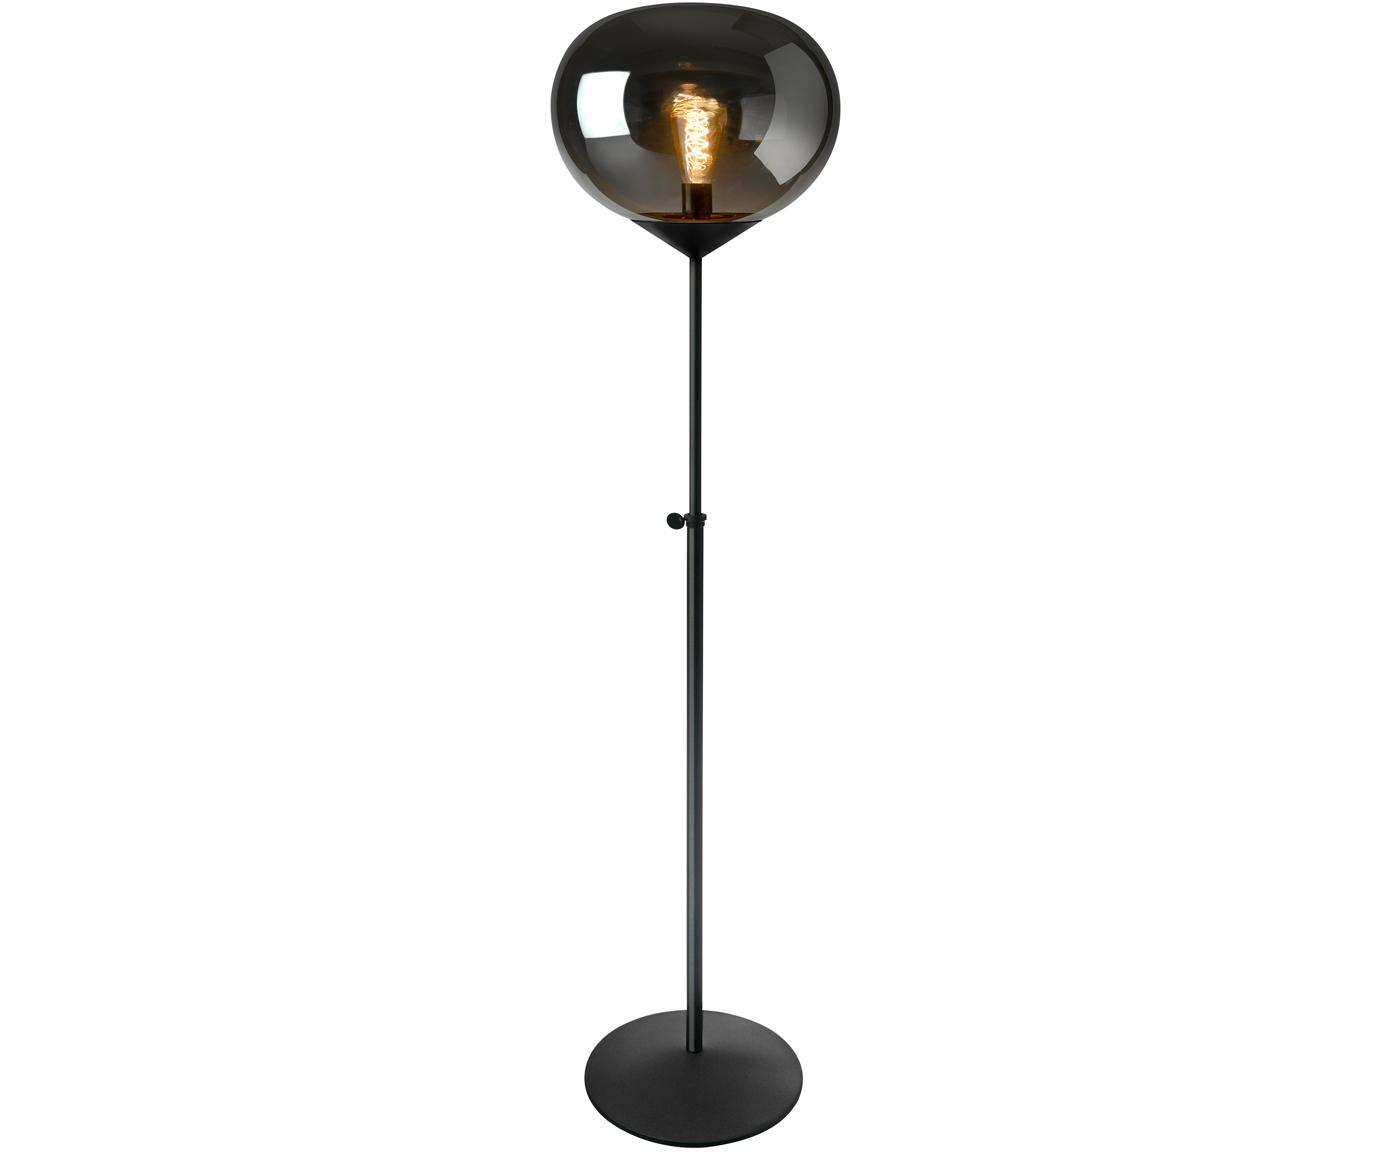 Lampada da terra regolabile in altezza Drop, Paralume: vetro cromato, Base della lampada: metallo verniciato, Argento, nero, Ø 36 x Alt. 164 cm